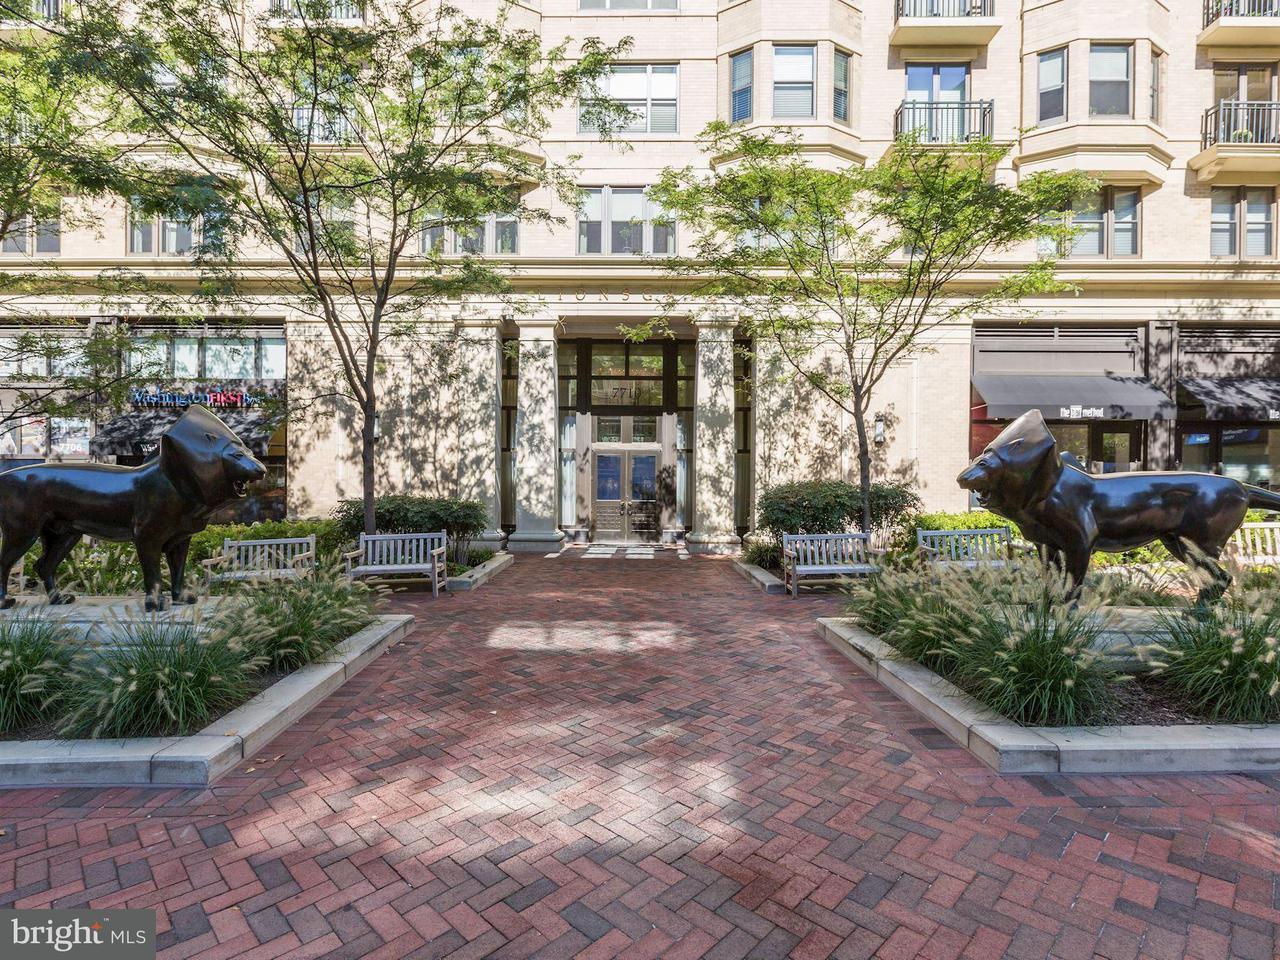 Appartement en copropriété pour l Vente à 7710 WOODMONT AVE #1211 7710 WOODMONT AVE #1211 Bethesda, Maryland 20814 États-Unis